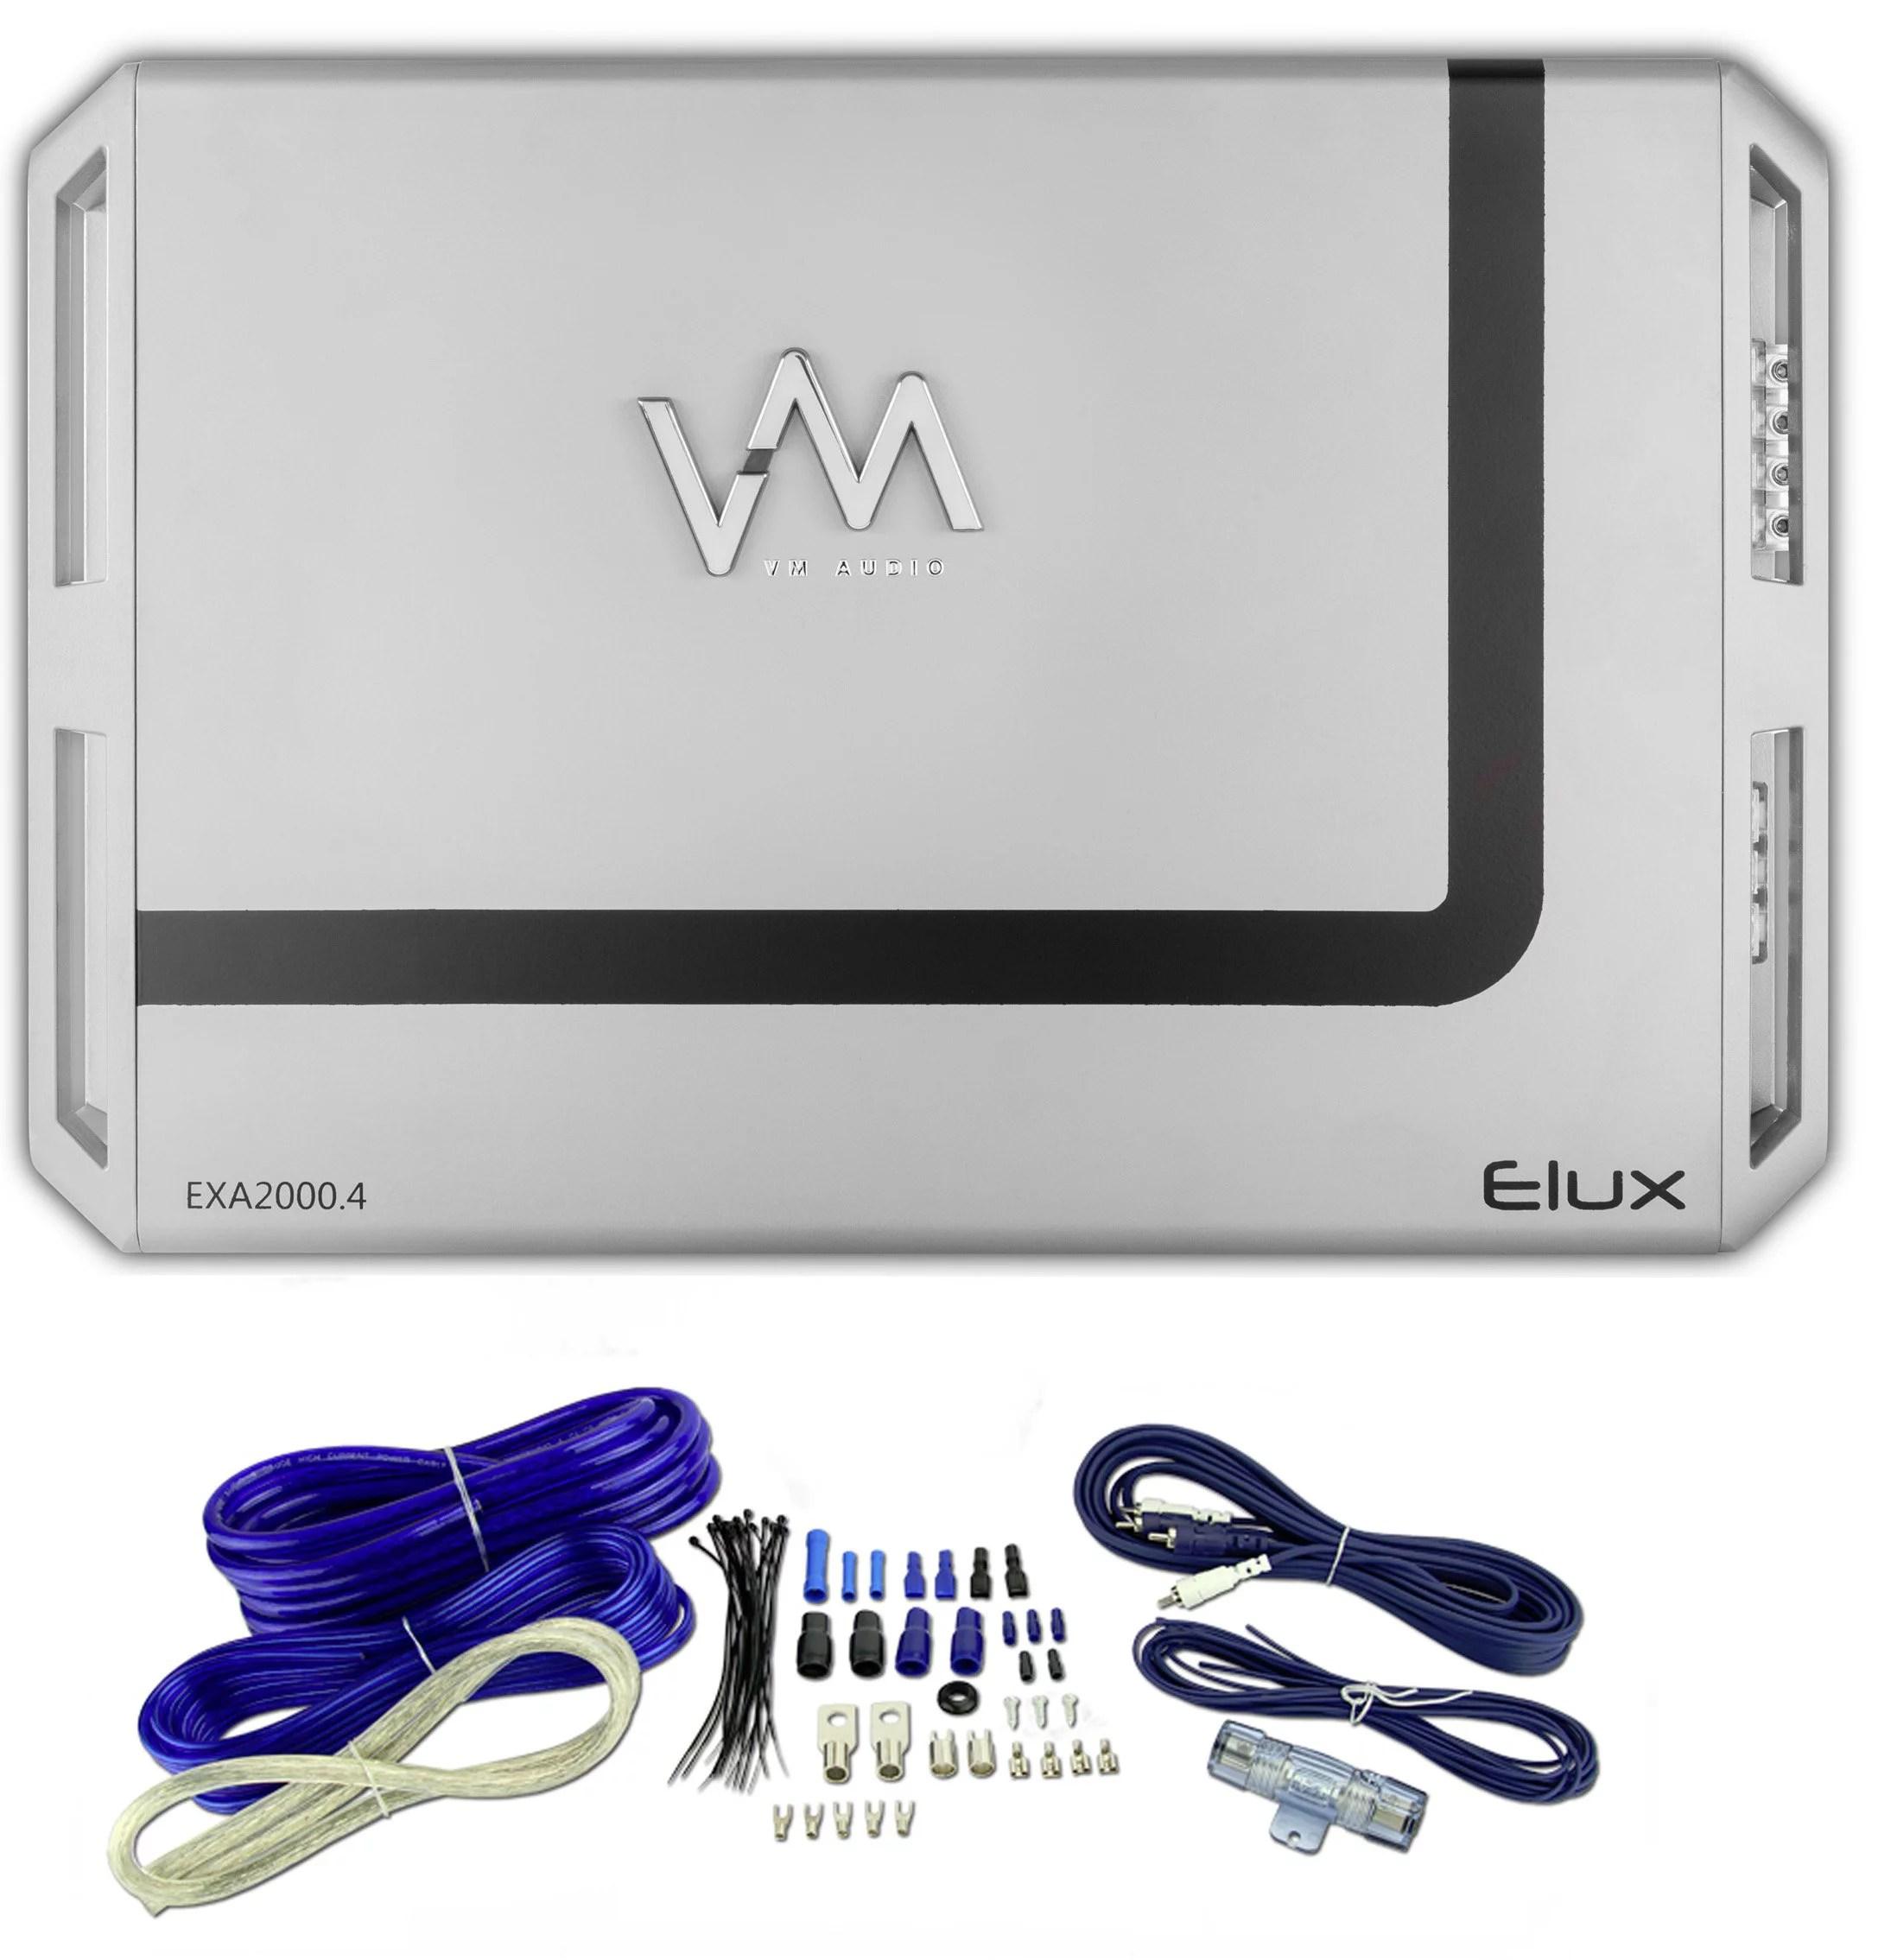 1200w 5 channel car amplifier vm audio 4gauge amplifier wiring kit 4 channel amp 6 speakers diagram 5 channel car amp wiring diagram [ 2174 x 2269 Pixel ]